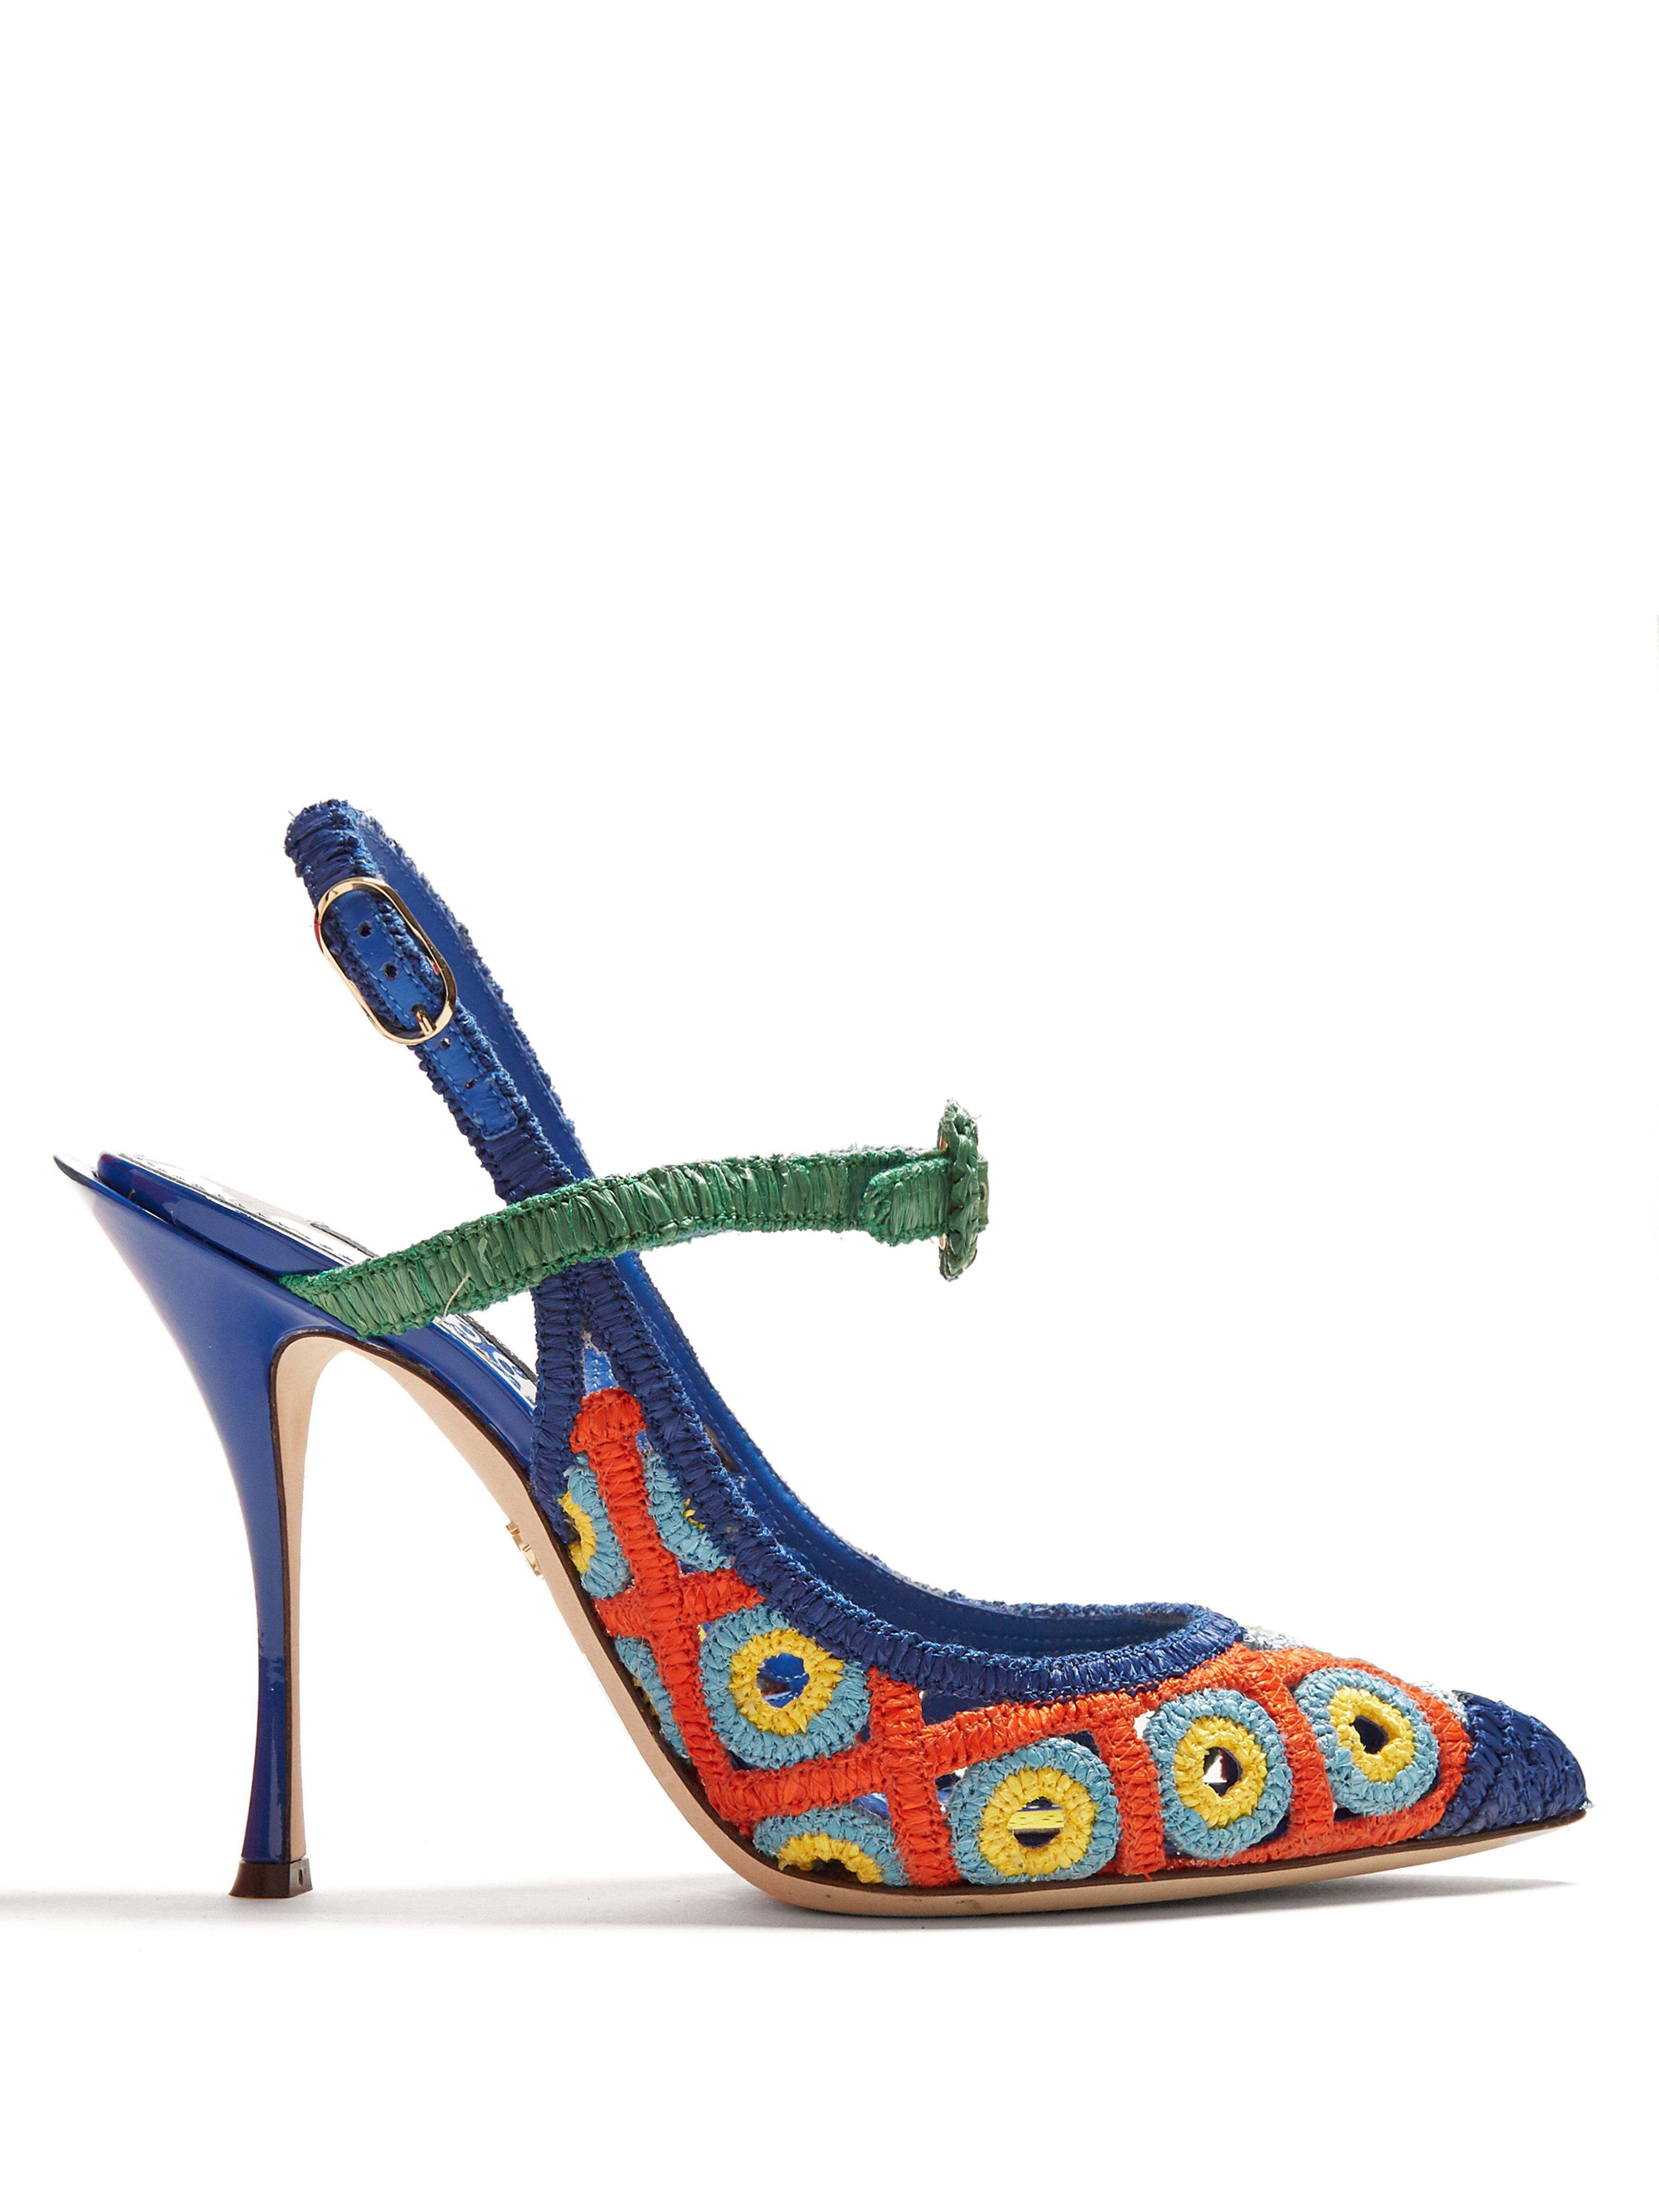 33e9017d592d Dolce   Gabbana Majolica Woven Wicker Slingback Pumps in Blue - Lyst